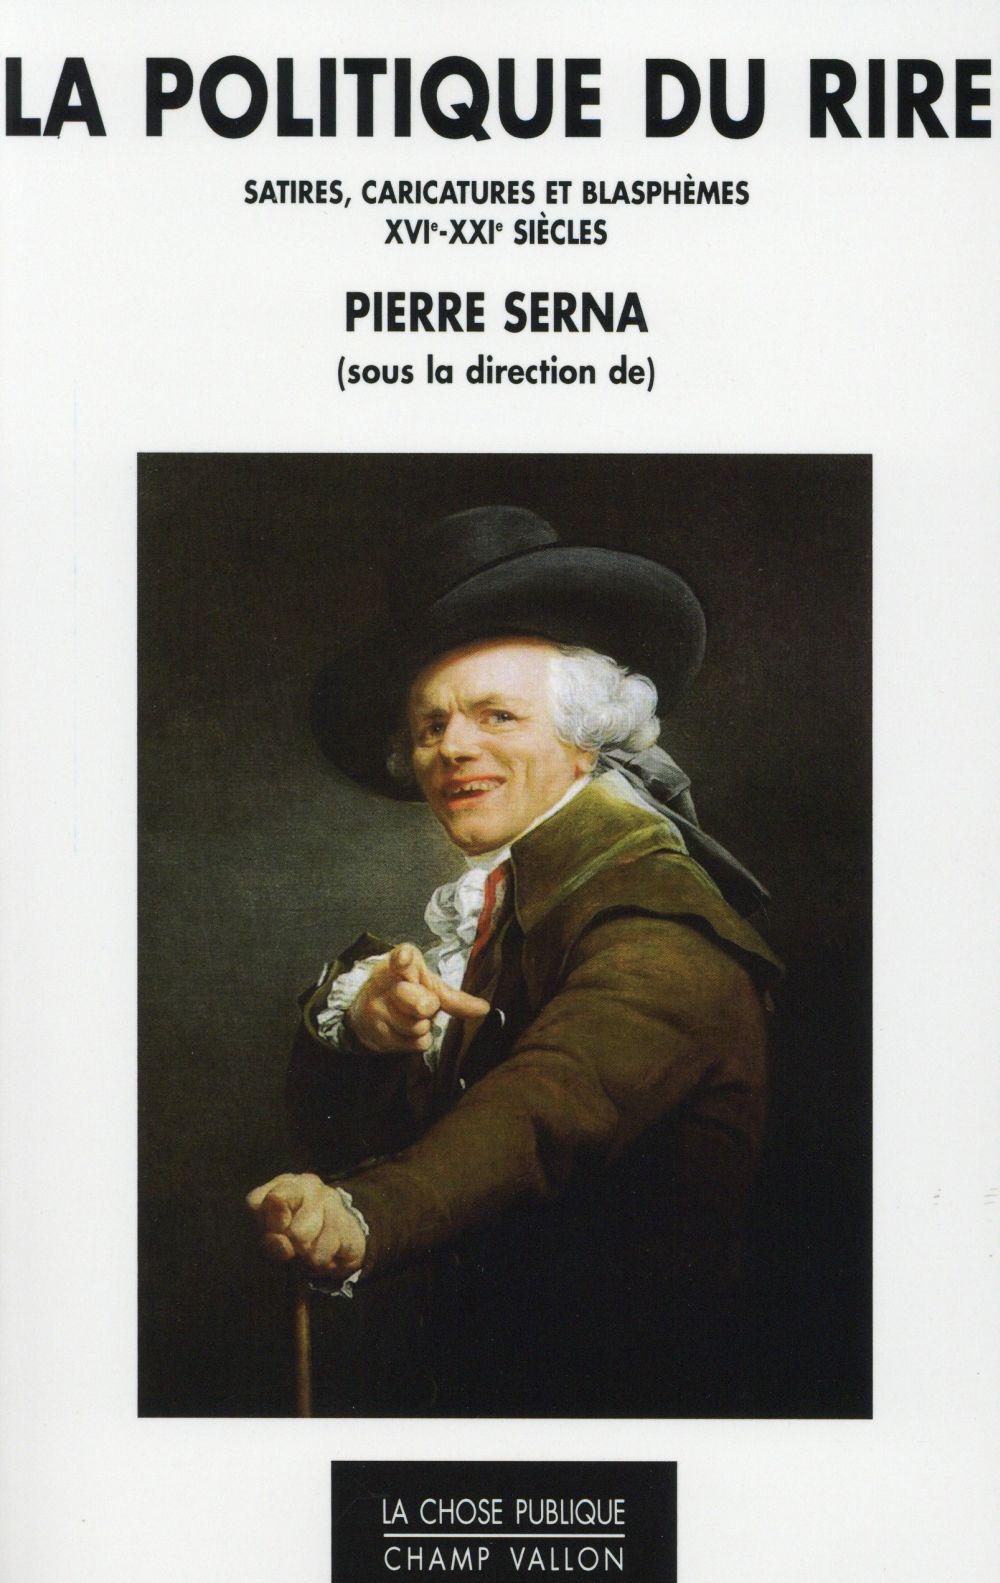 La Politique du rire, Satires, caricatures et blasphèmes (XVIe-XXIe siècles)